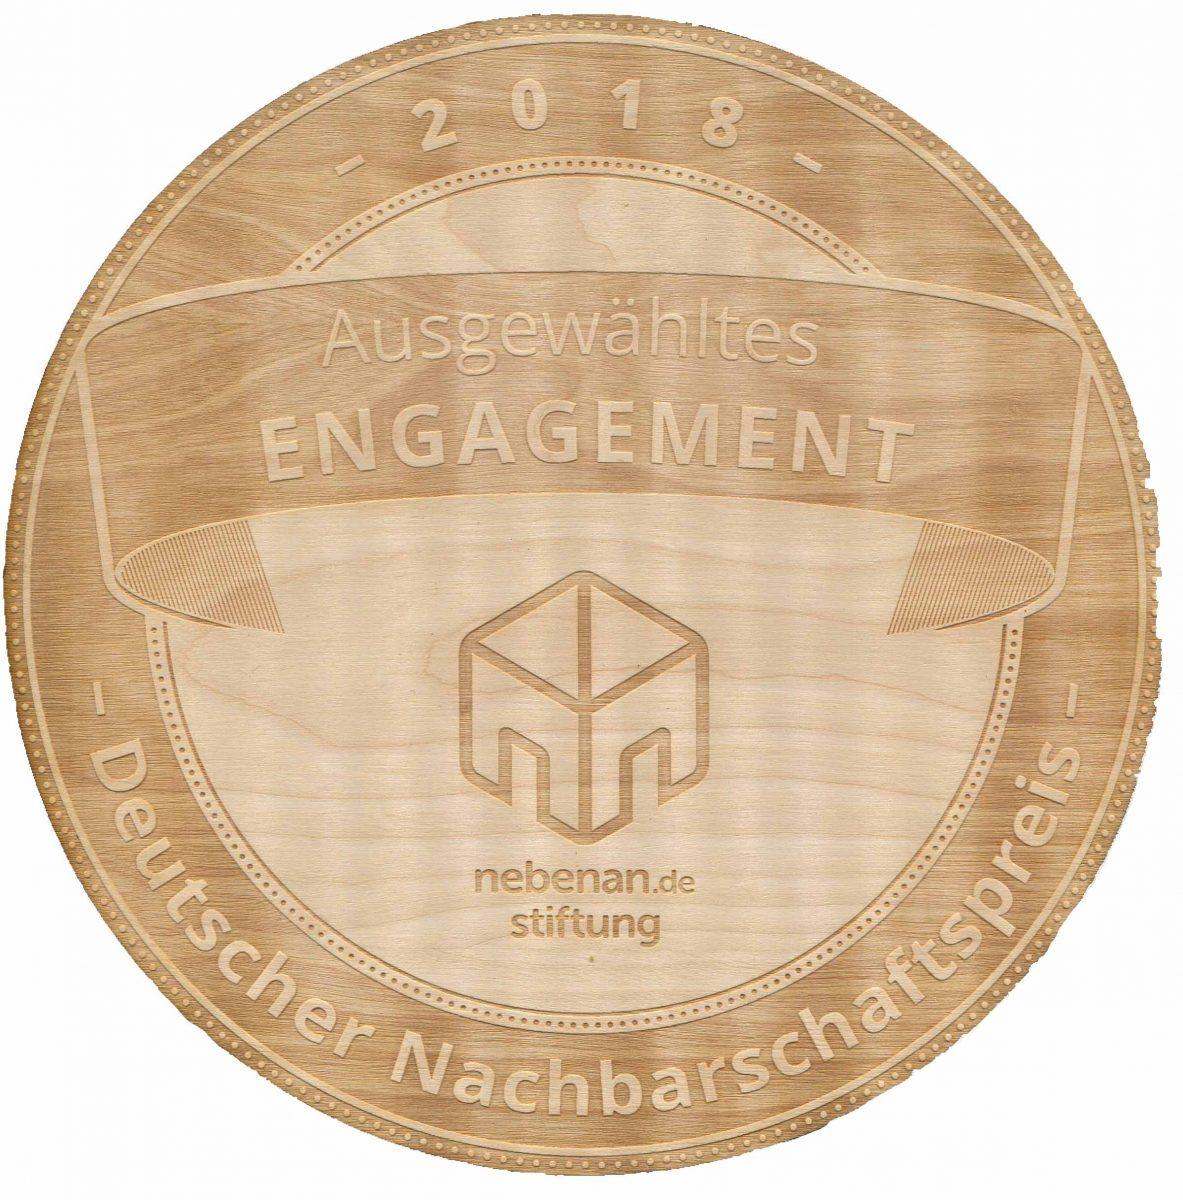 2018 Nachbarschaftspreis Plakette